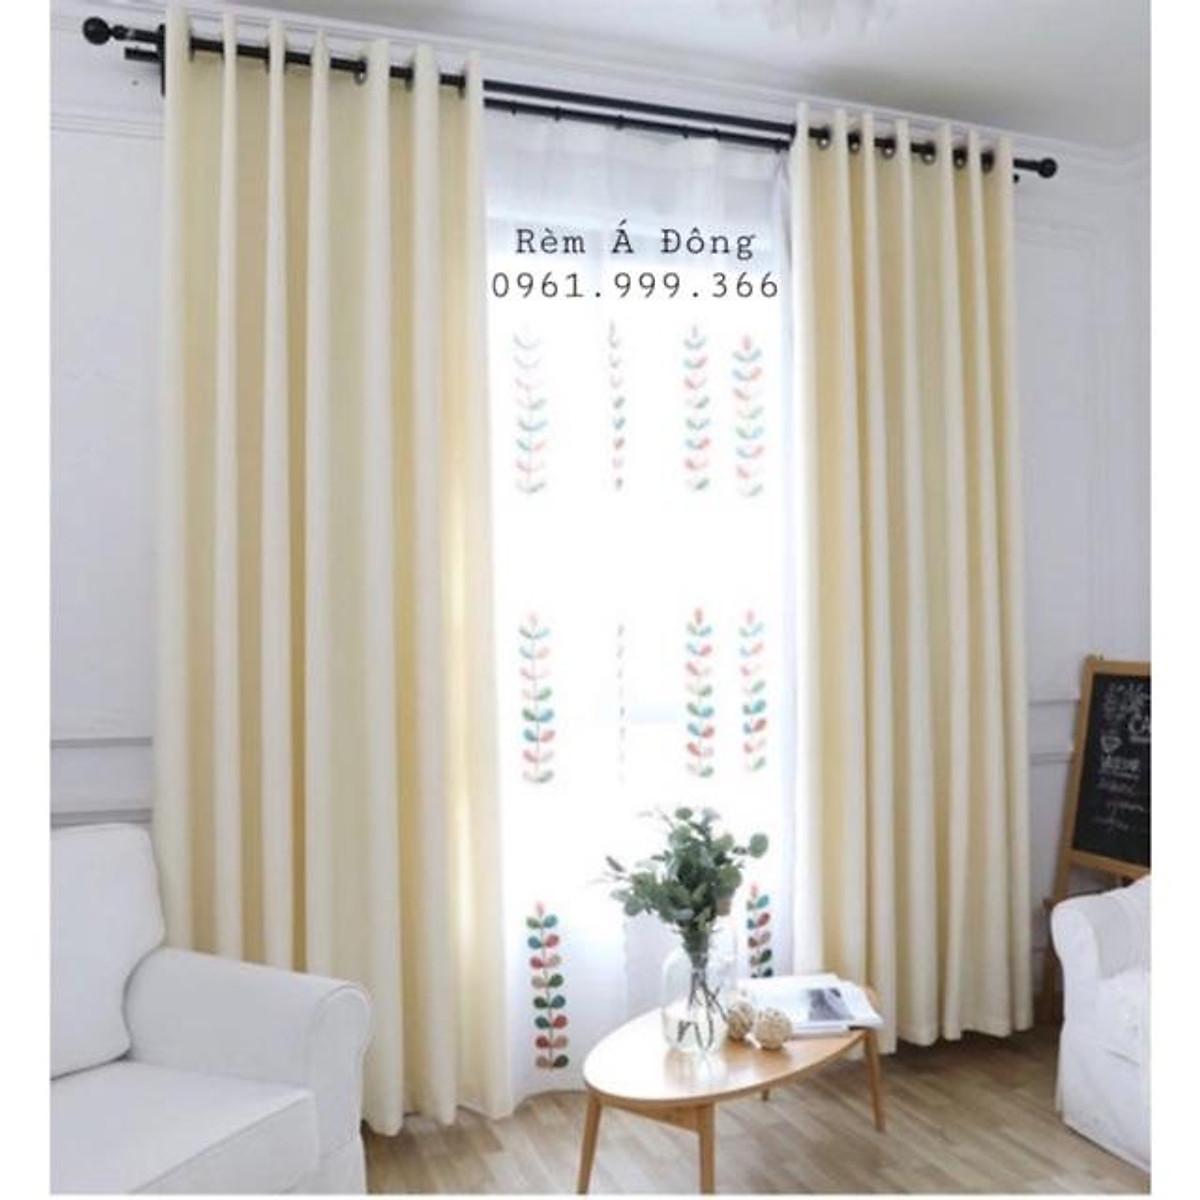 Rèm vải thô màu kem sáng nhẹ nhàng, rèm cửa trang trí phòng khách, phòng ngủ - Cao cố định 3.0m